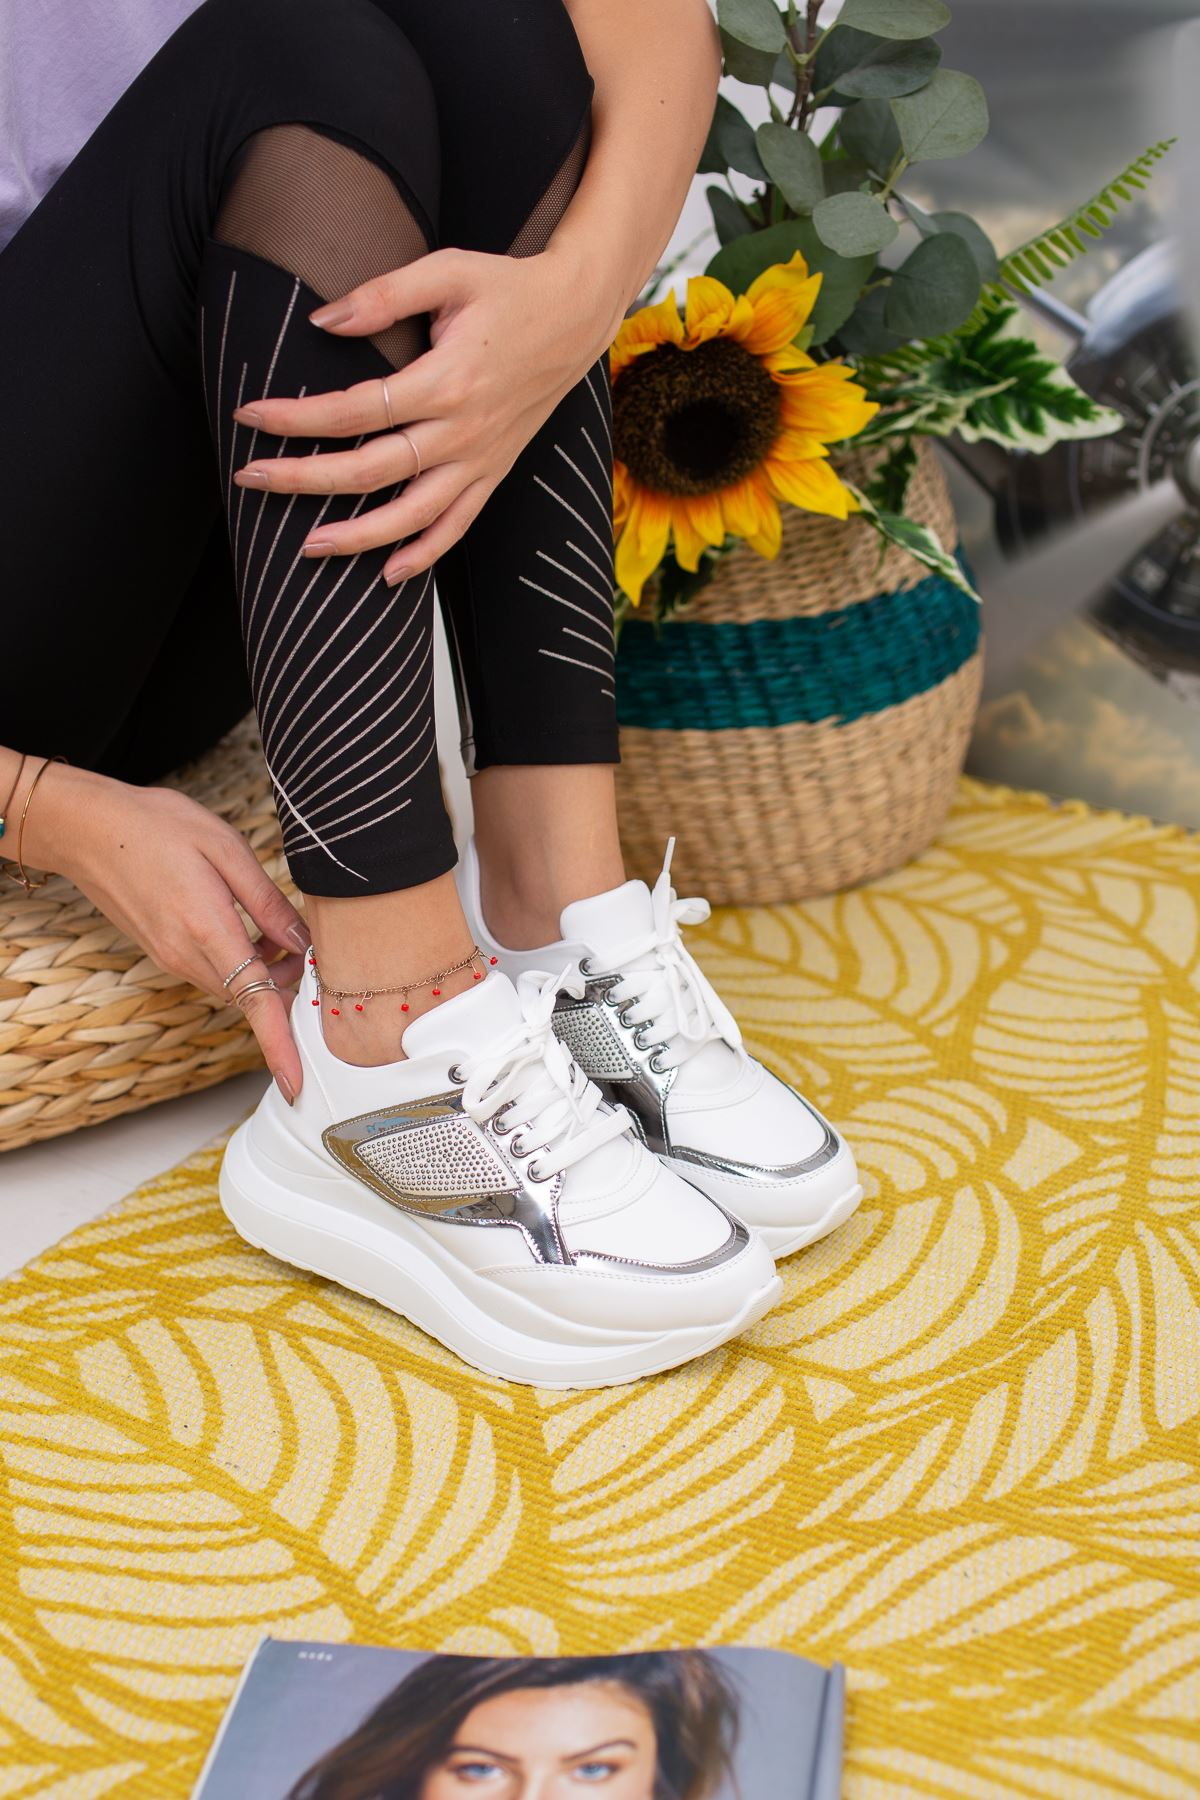 Linterie Beyaz Ortapedik Bayan Spor Ayakkabı